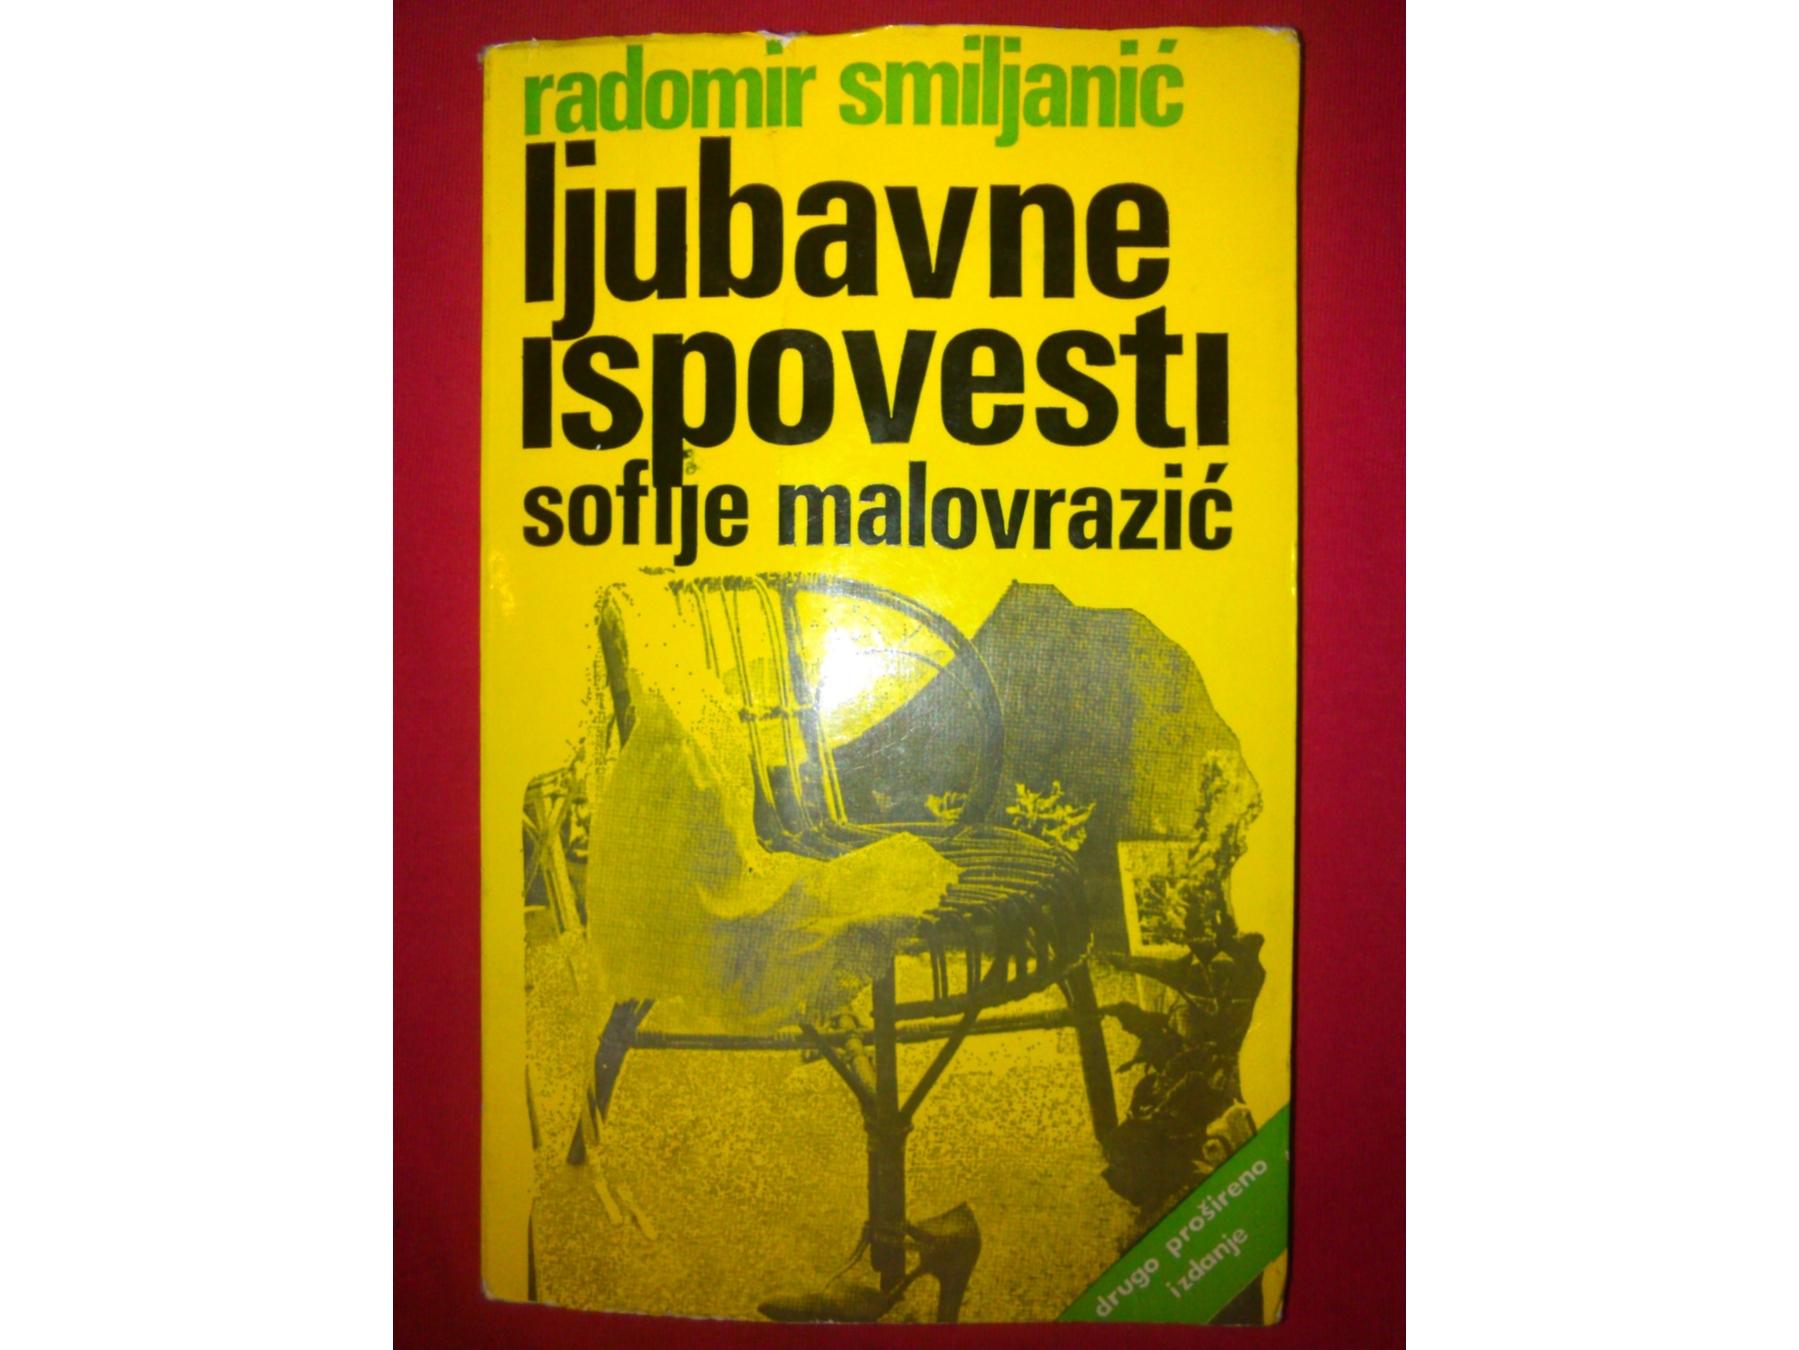 LJUBAVNE ISPOVESTI SOFIJE MALOVRAZIC - Kupindo.com (23798757)